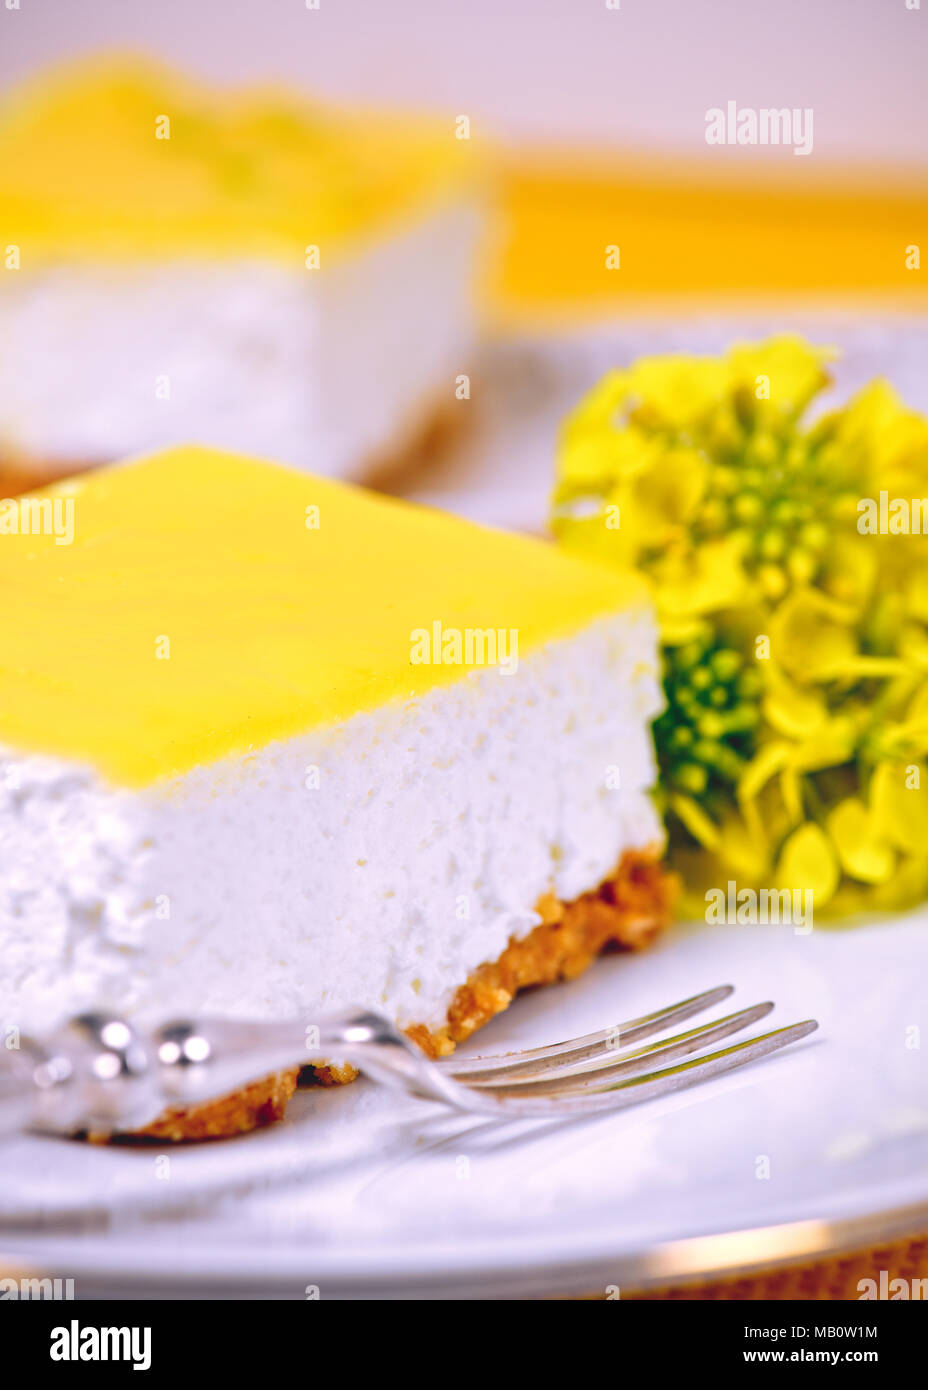 Fetta di mousse di limone su un posto bianco con una forcella di argento e fiori gialli sfondo bokeh di fondo ad uno spazio di copia Immagini Stock